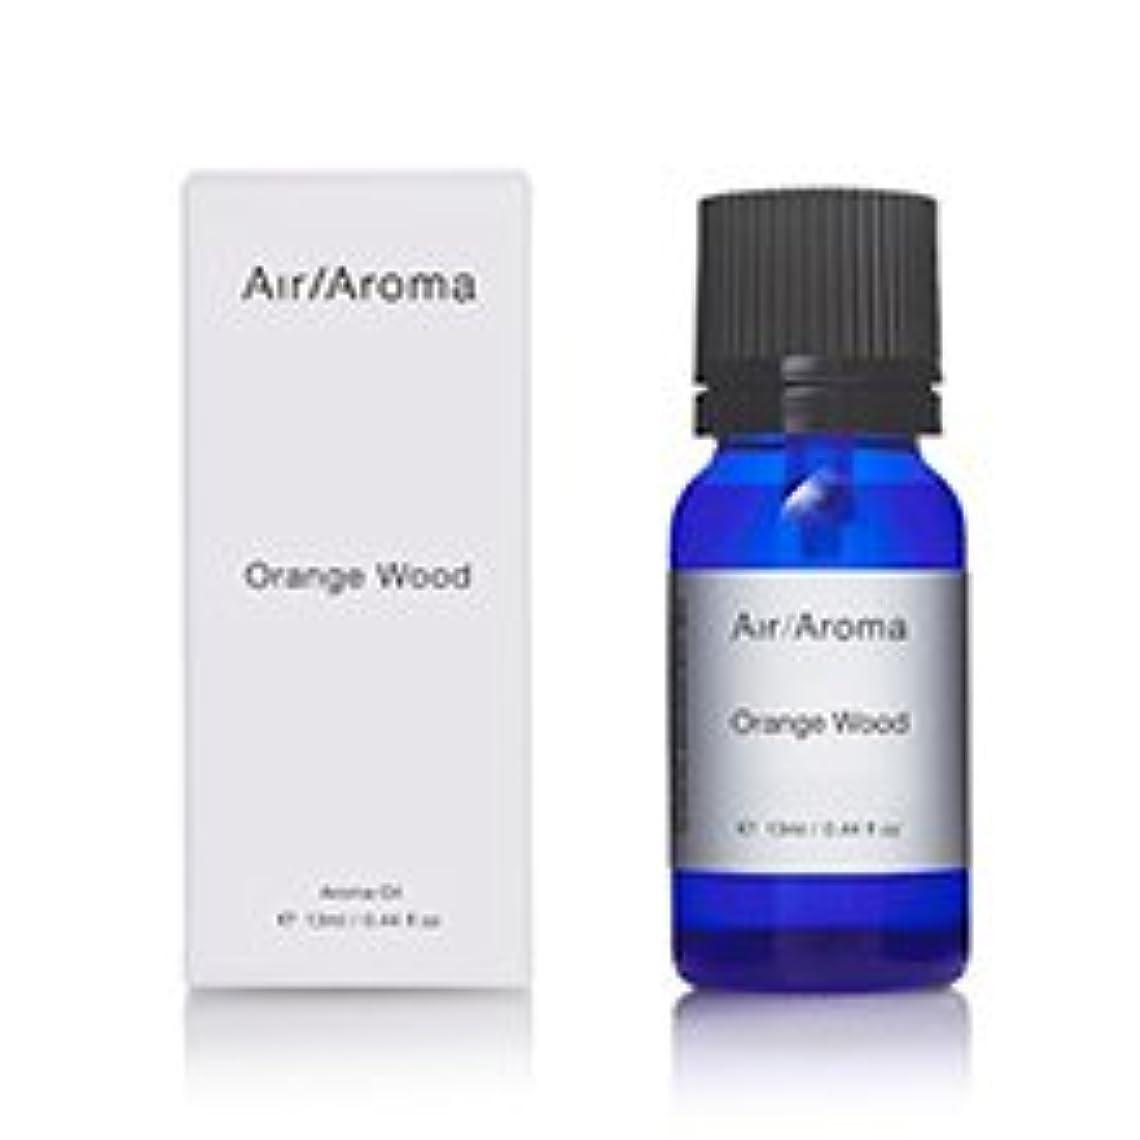 やむを得ない間違えた汚れたエアアロマ orange wood(オレンジウッド)13ml